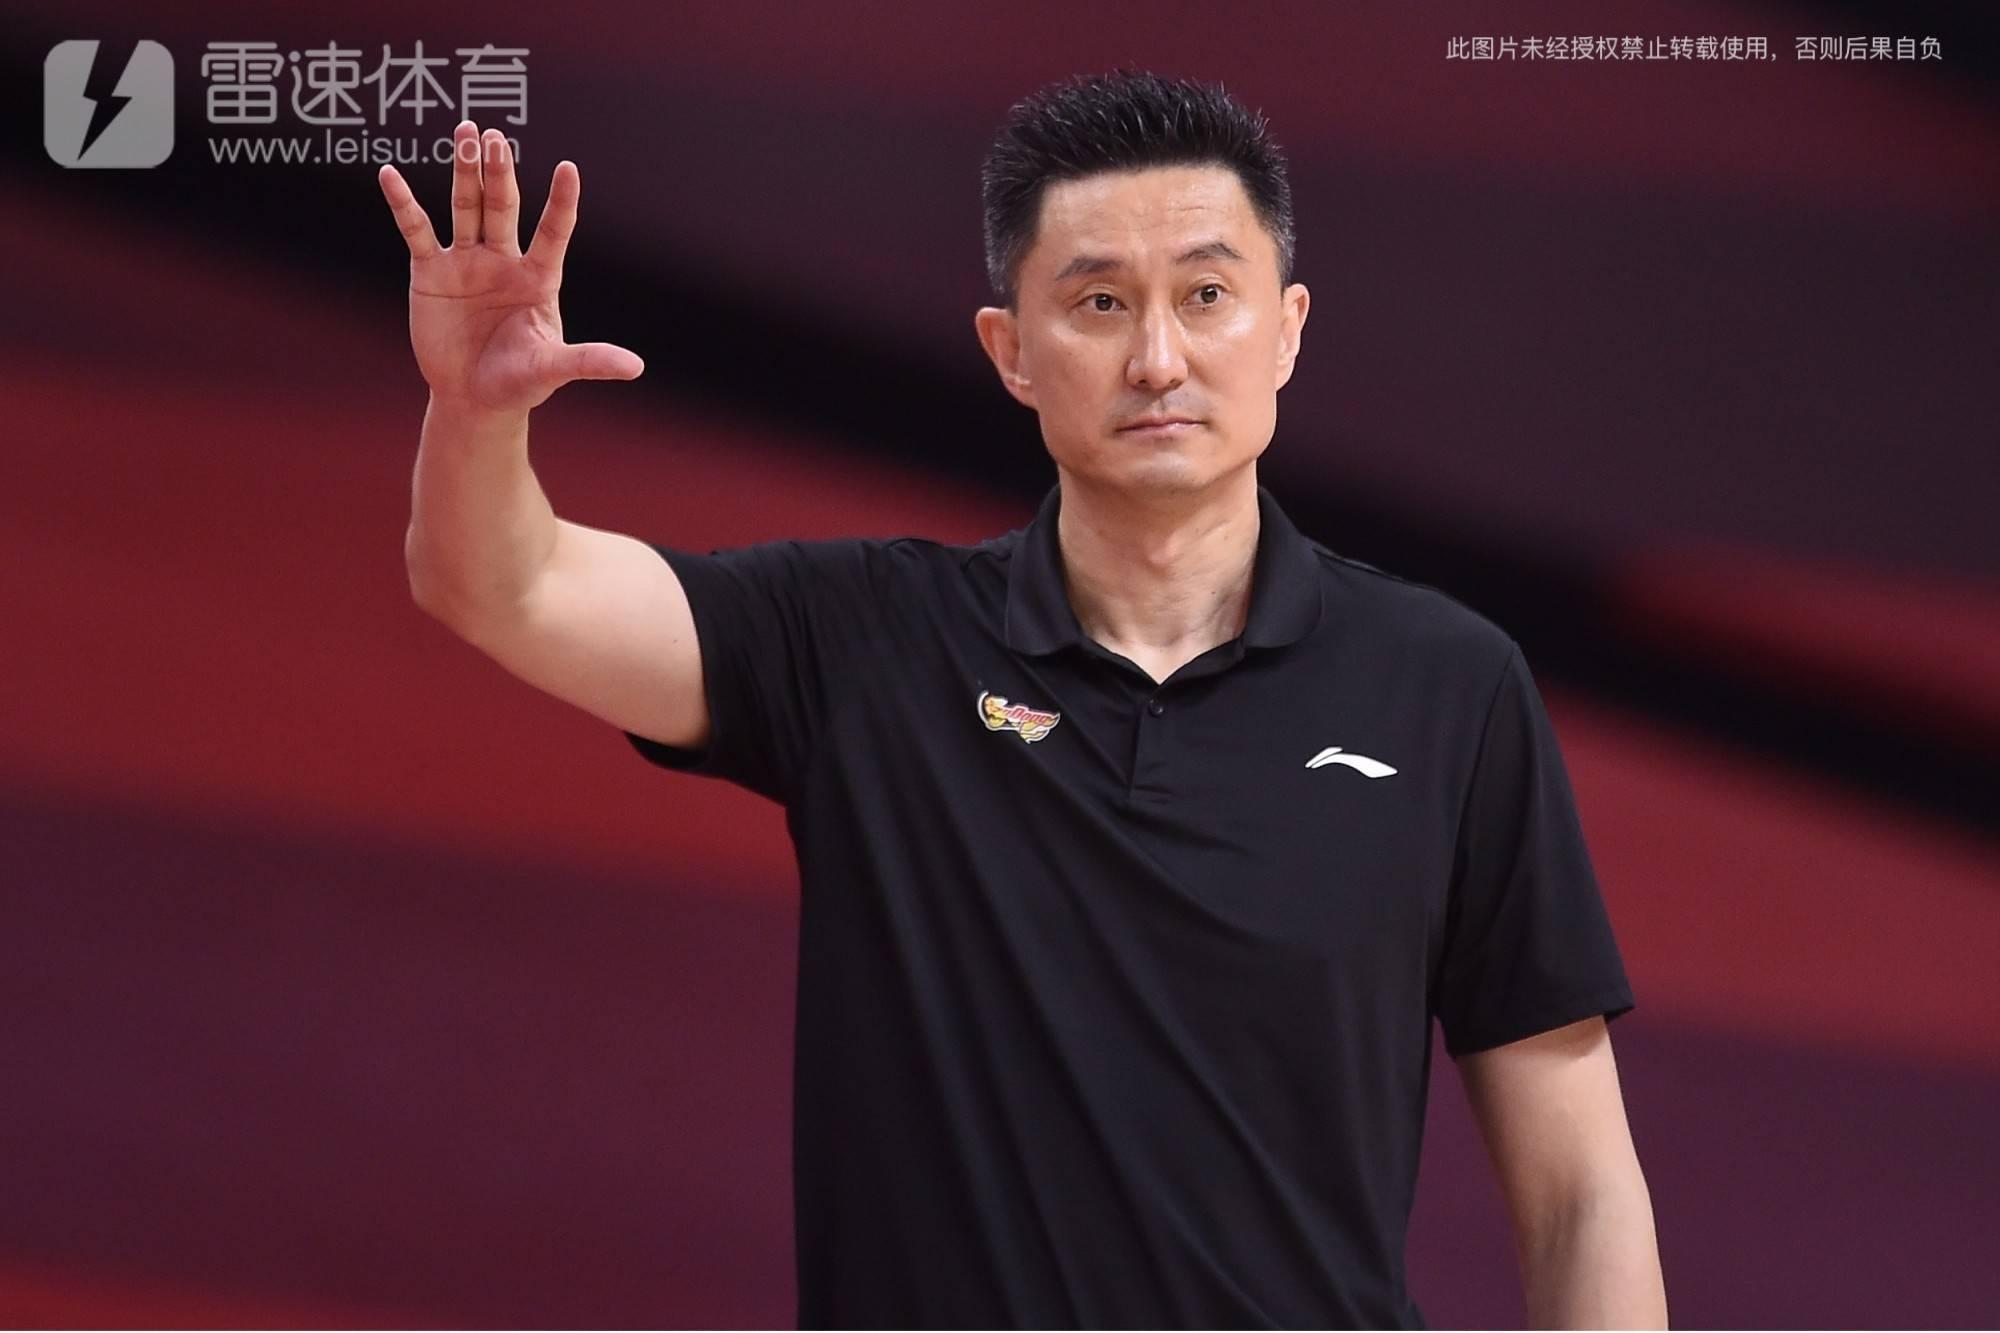 广东男篮主帅杜锋